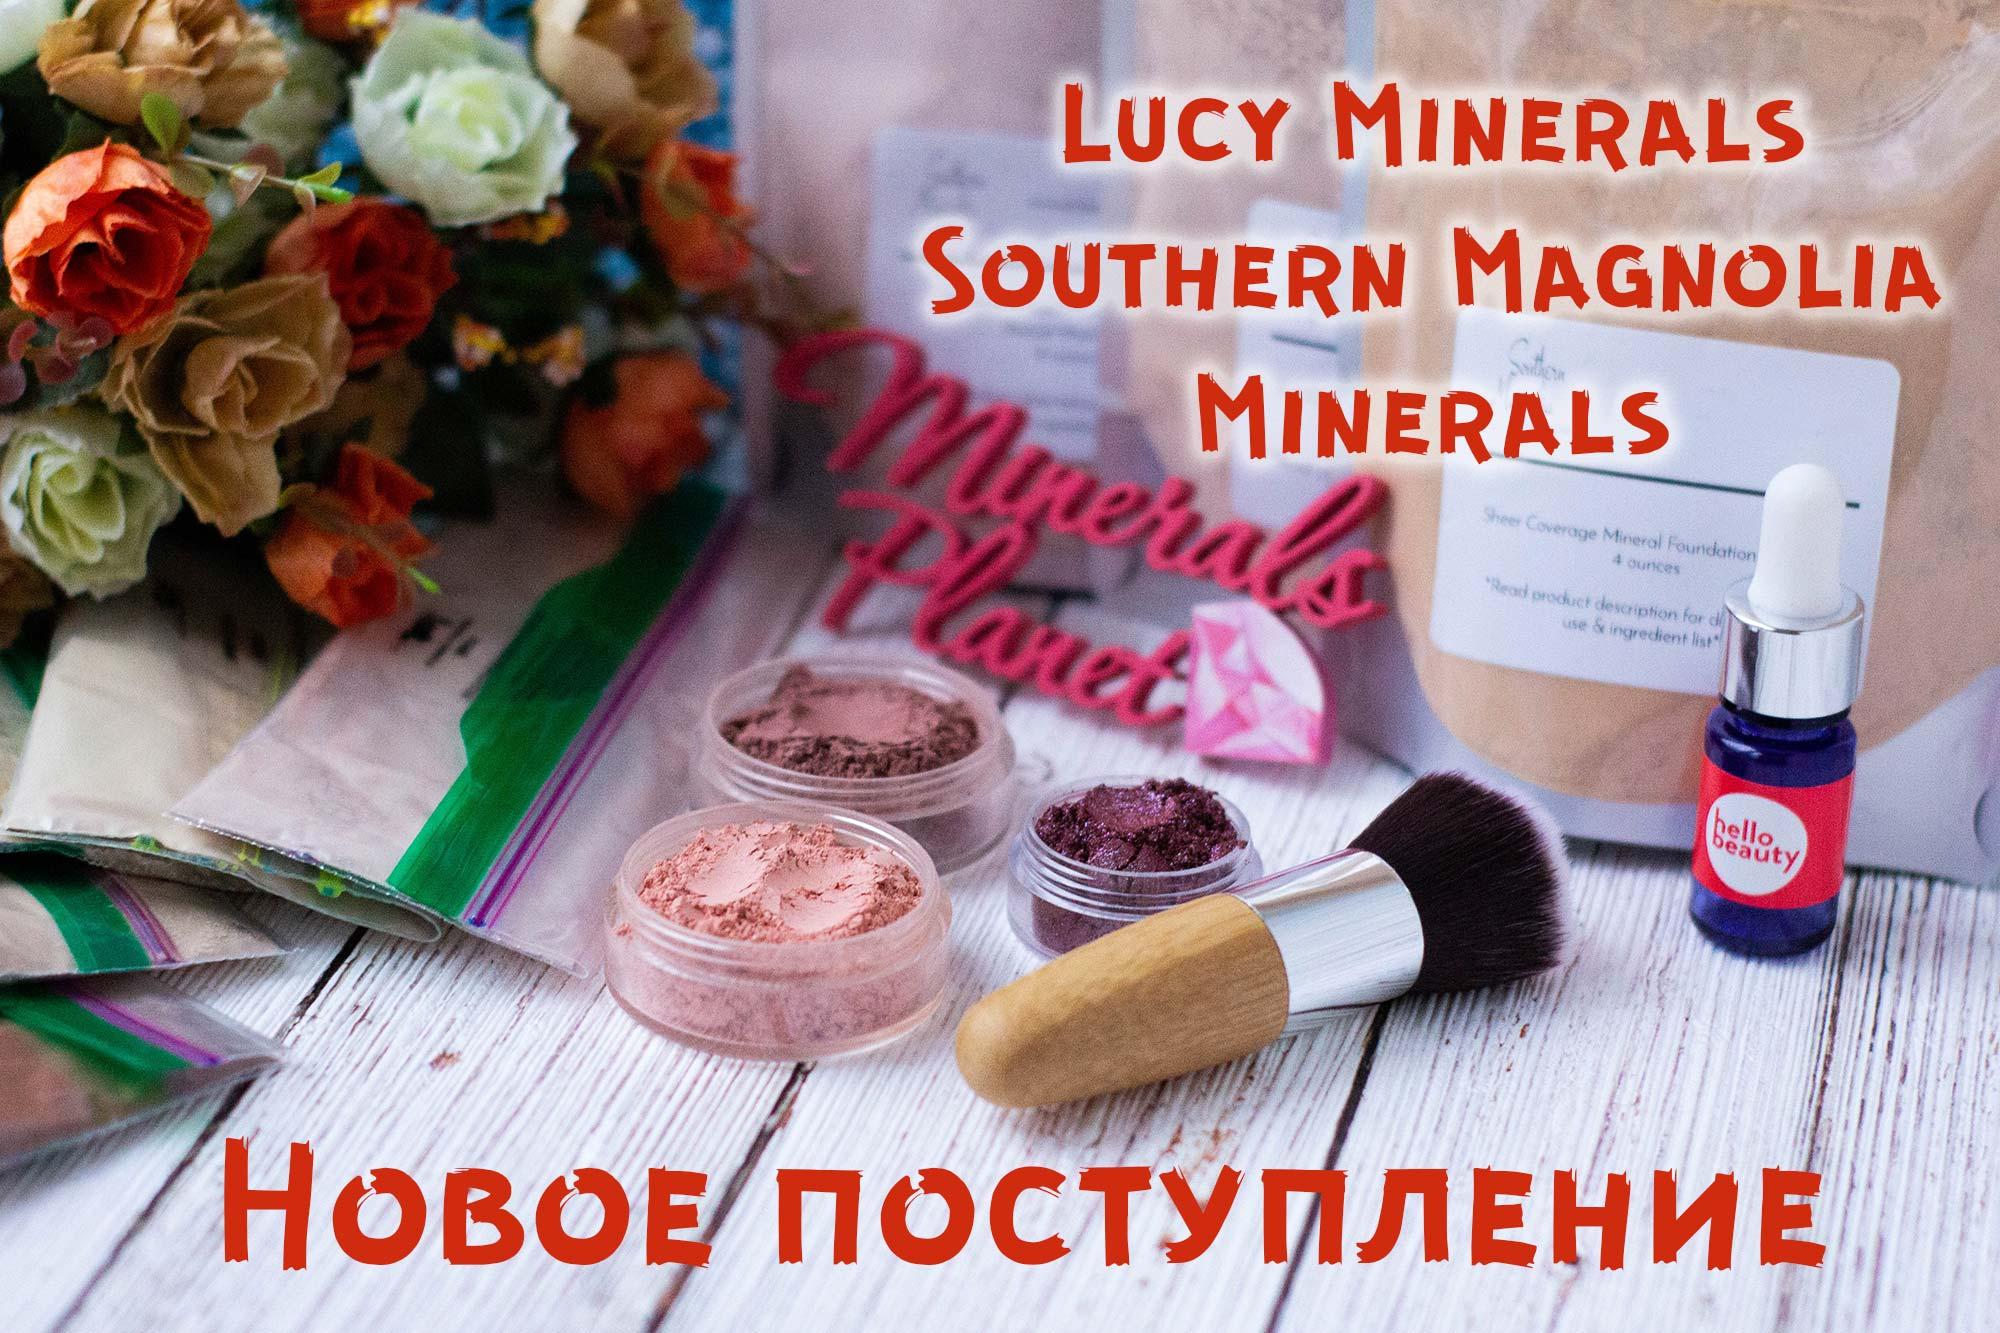 Новое поступление минеральной косметики Lucy minerals и Southern magnolia minerals